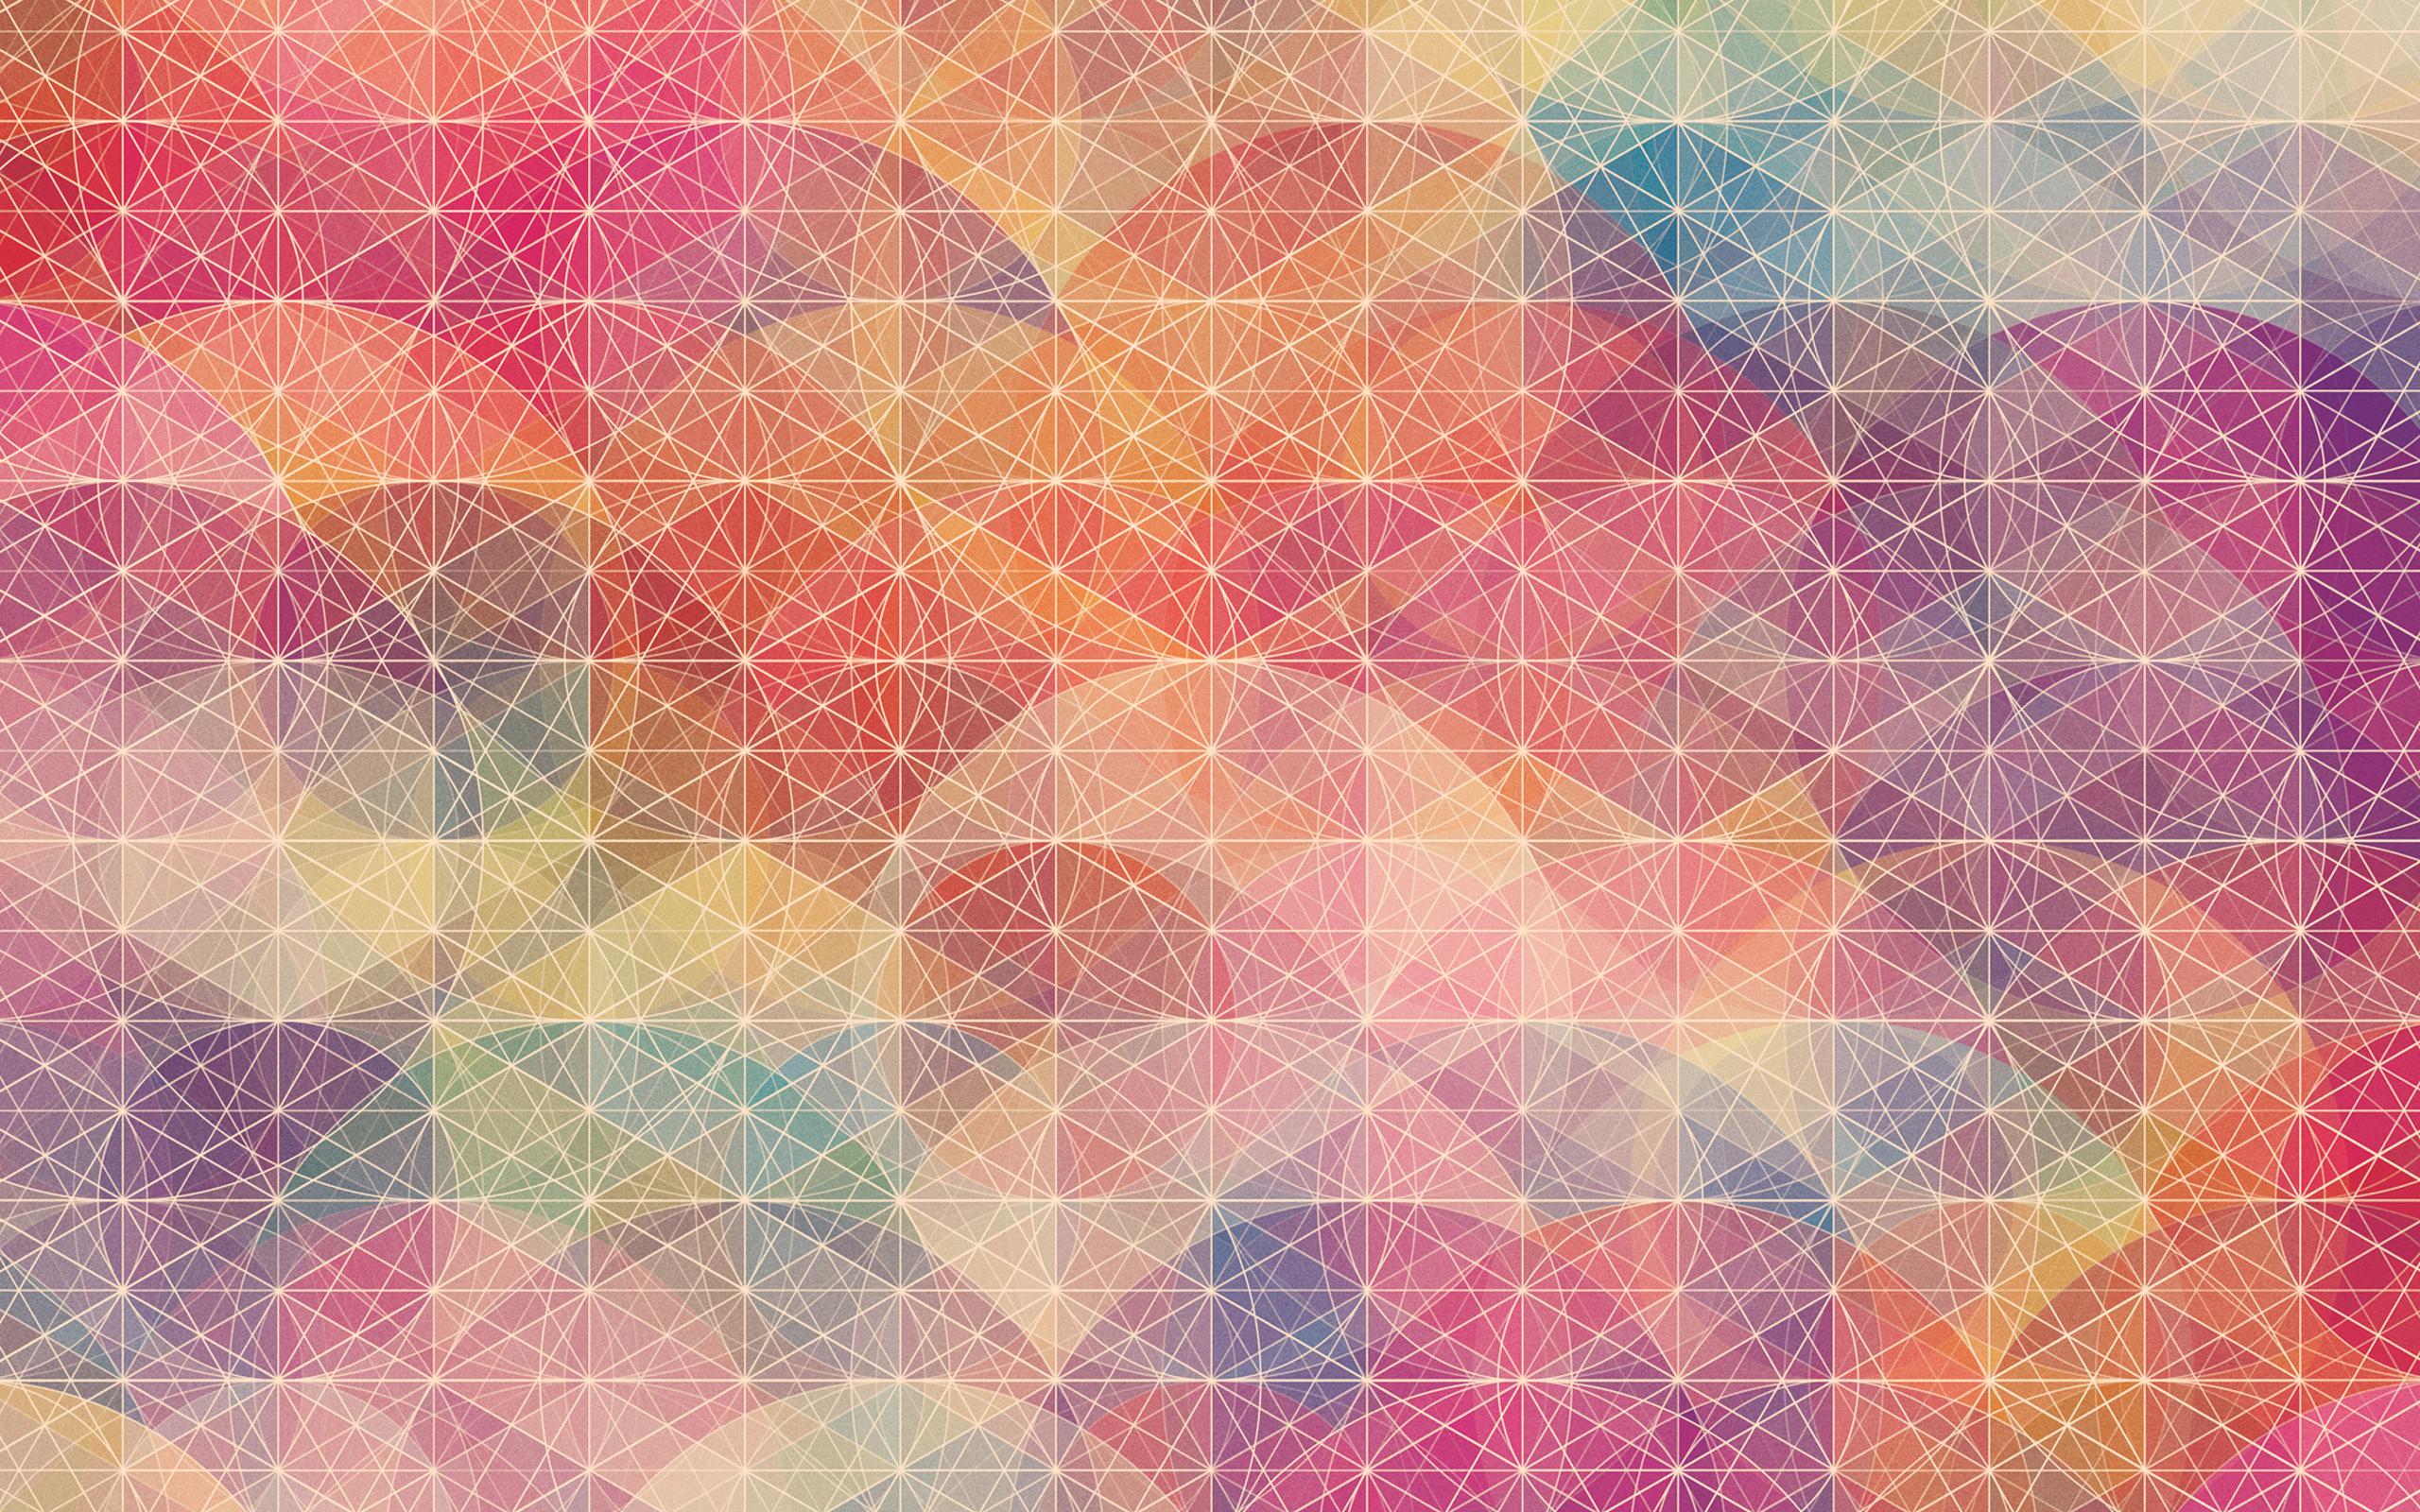 Geometric wallpaper   2560x1600   #44410